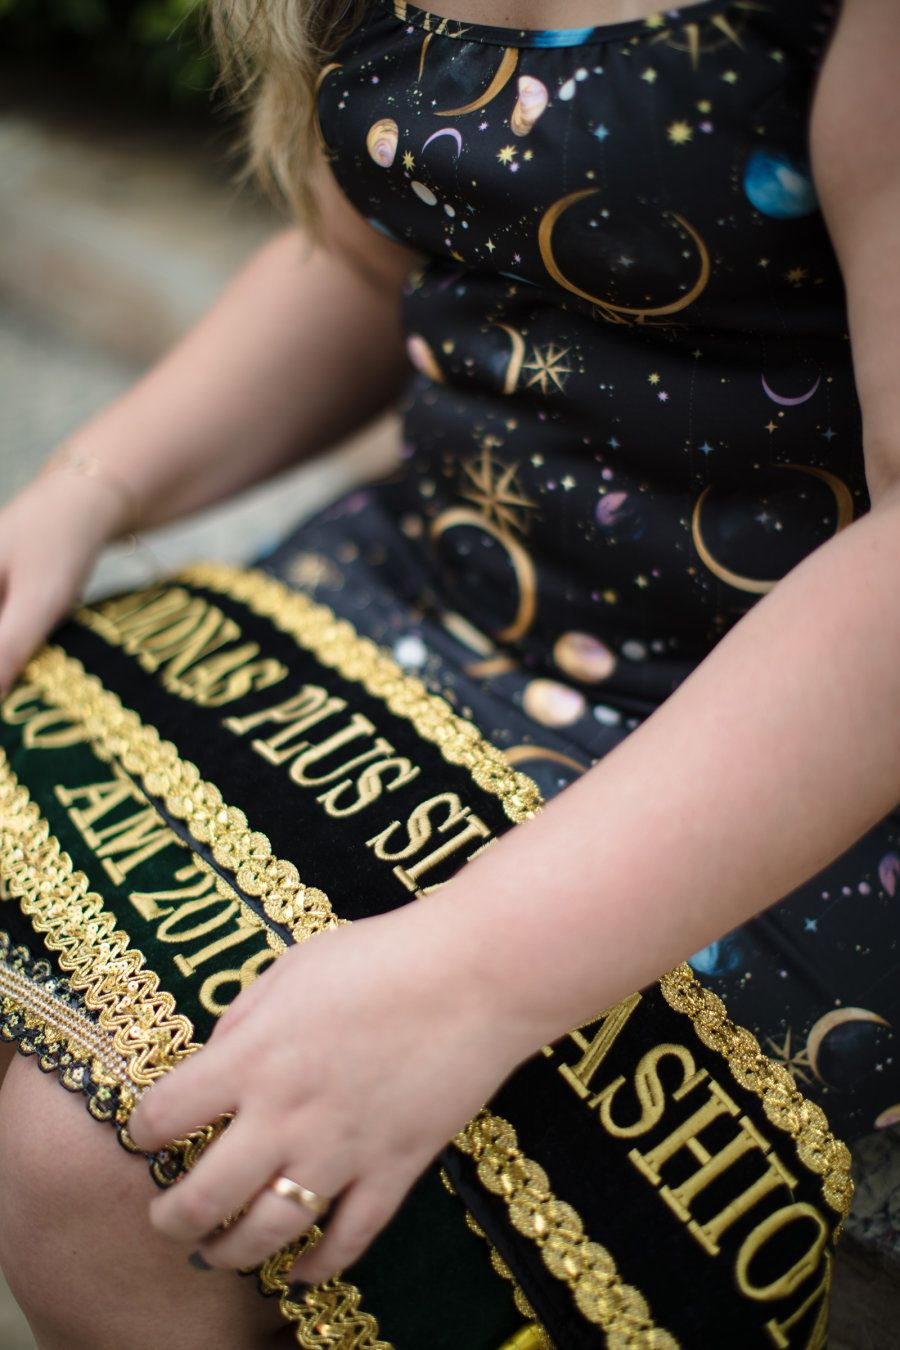 Hoje, ela exibe com orgulho a faixa de Miss Amazonas Plus Size